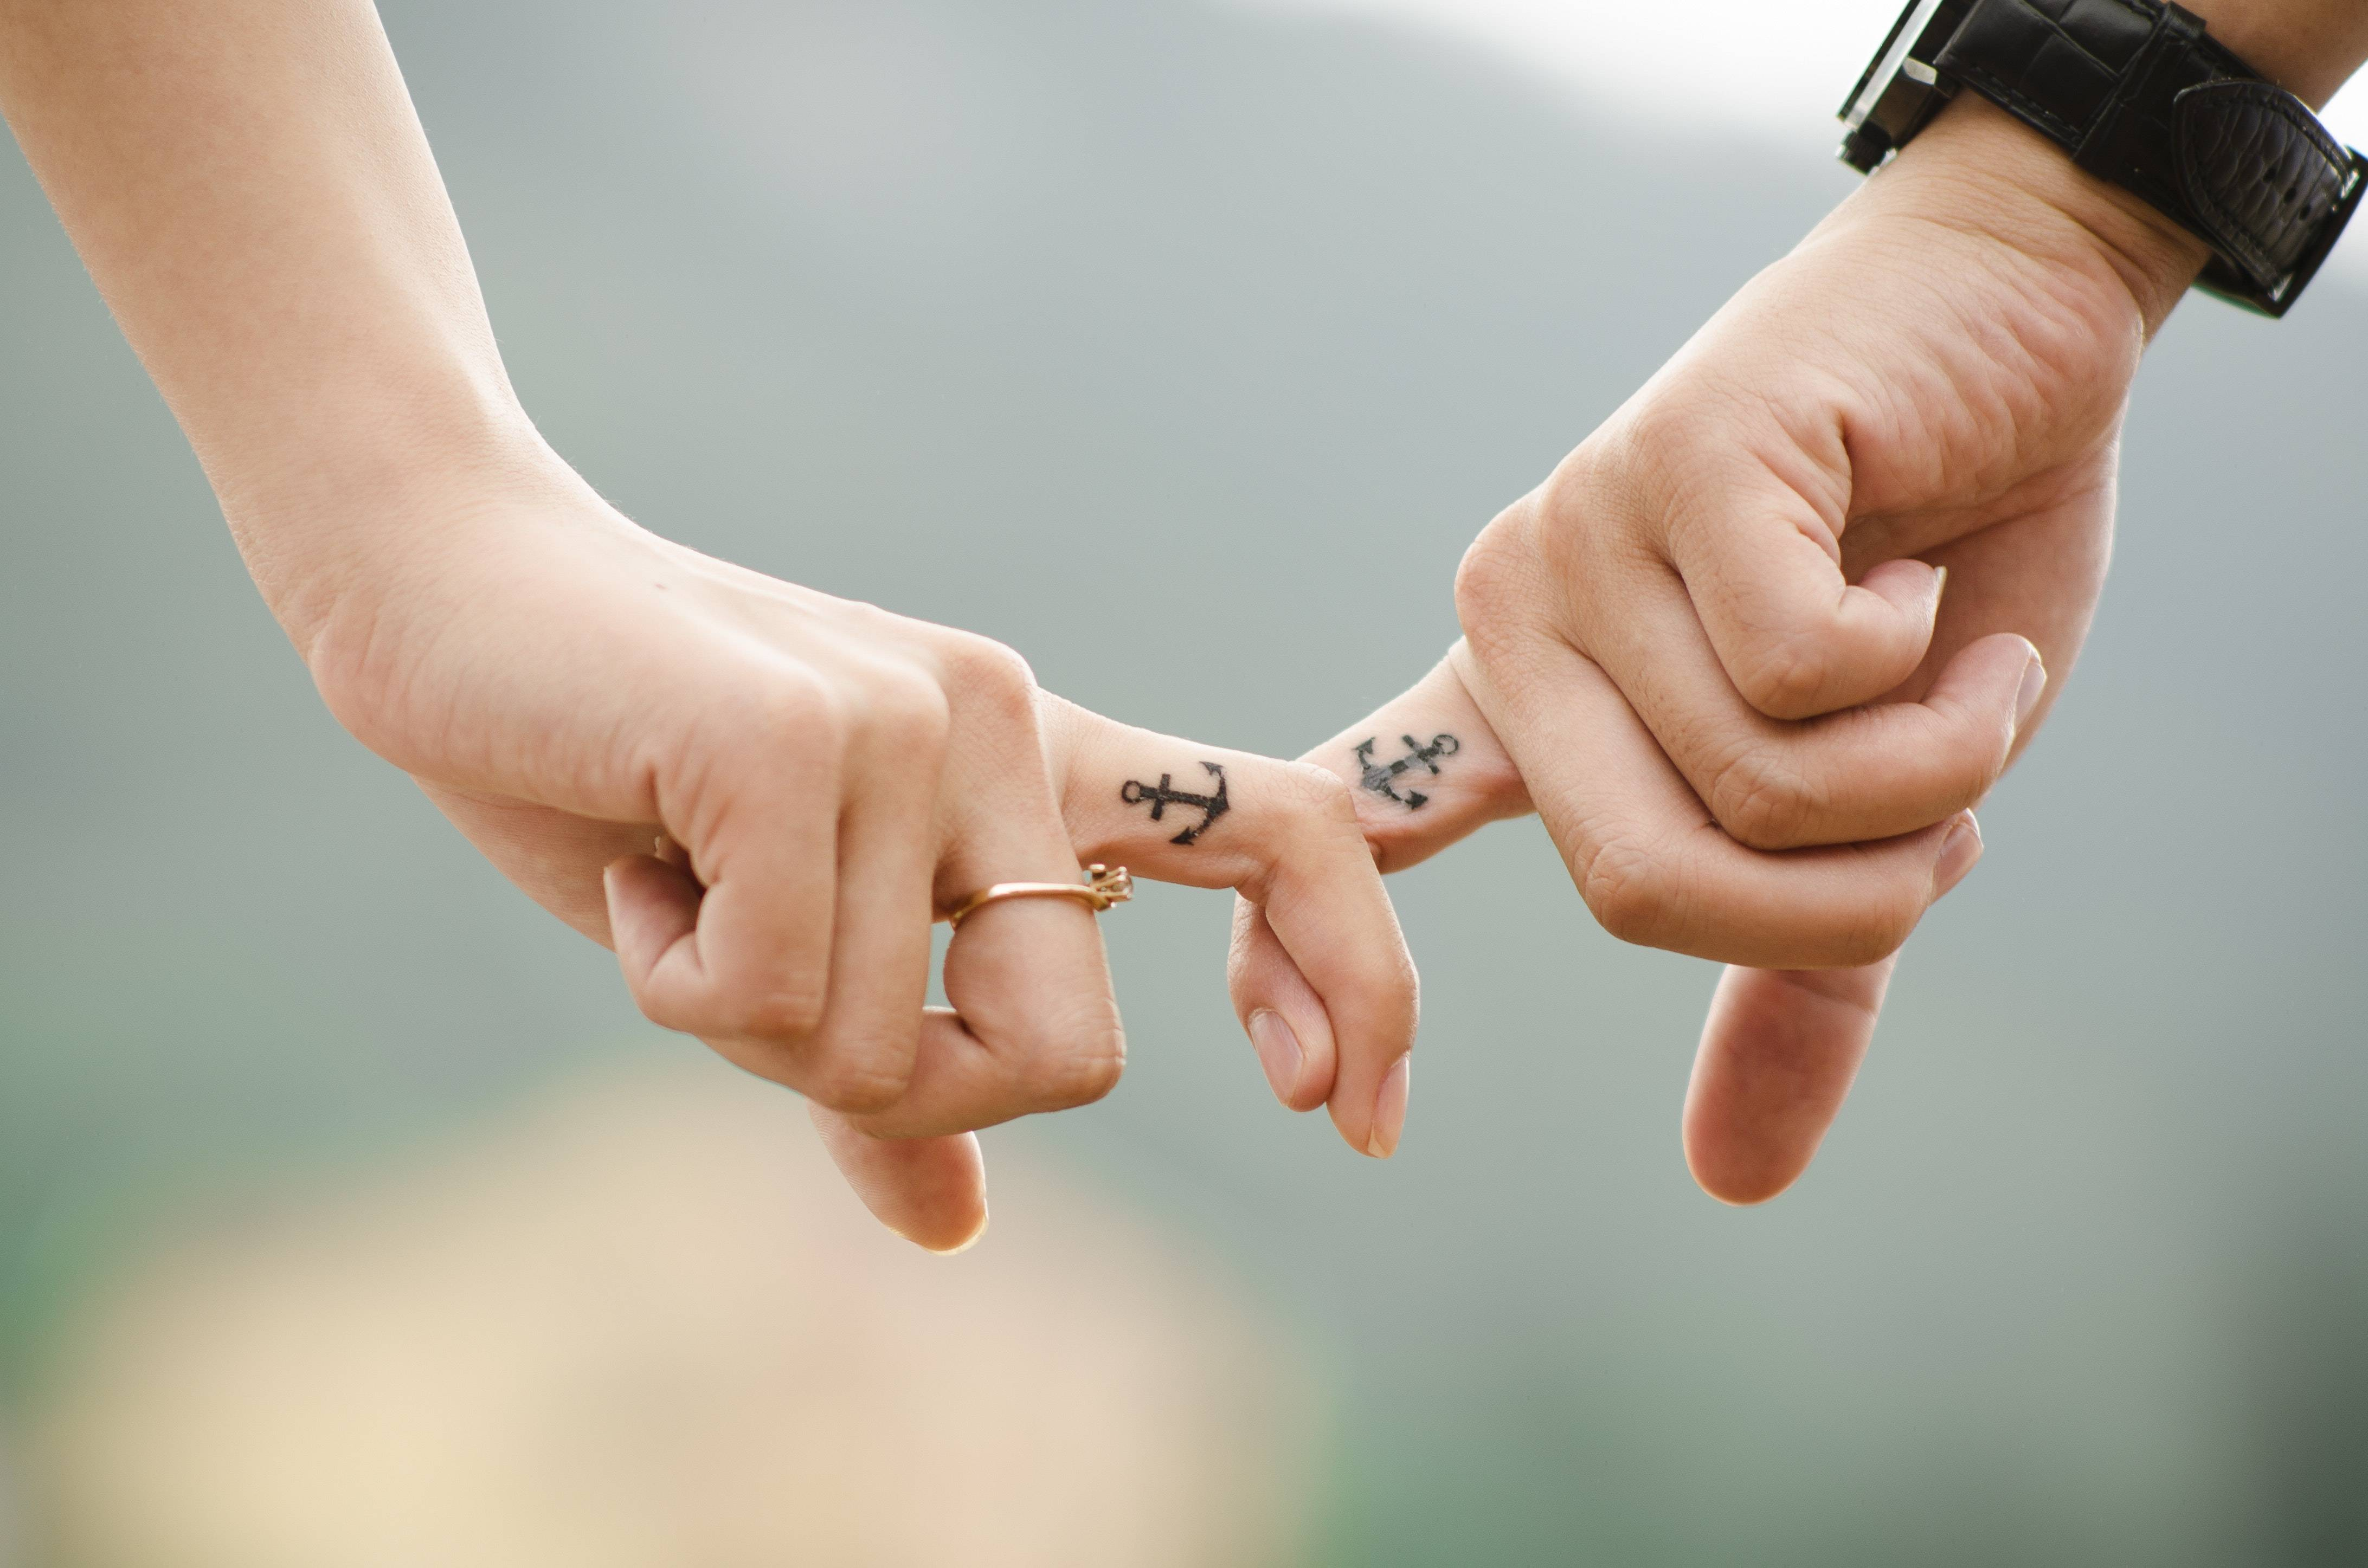 www.juicysantos.com.br - namorar alguém de santos